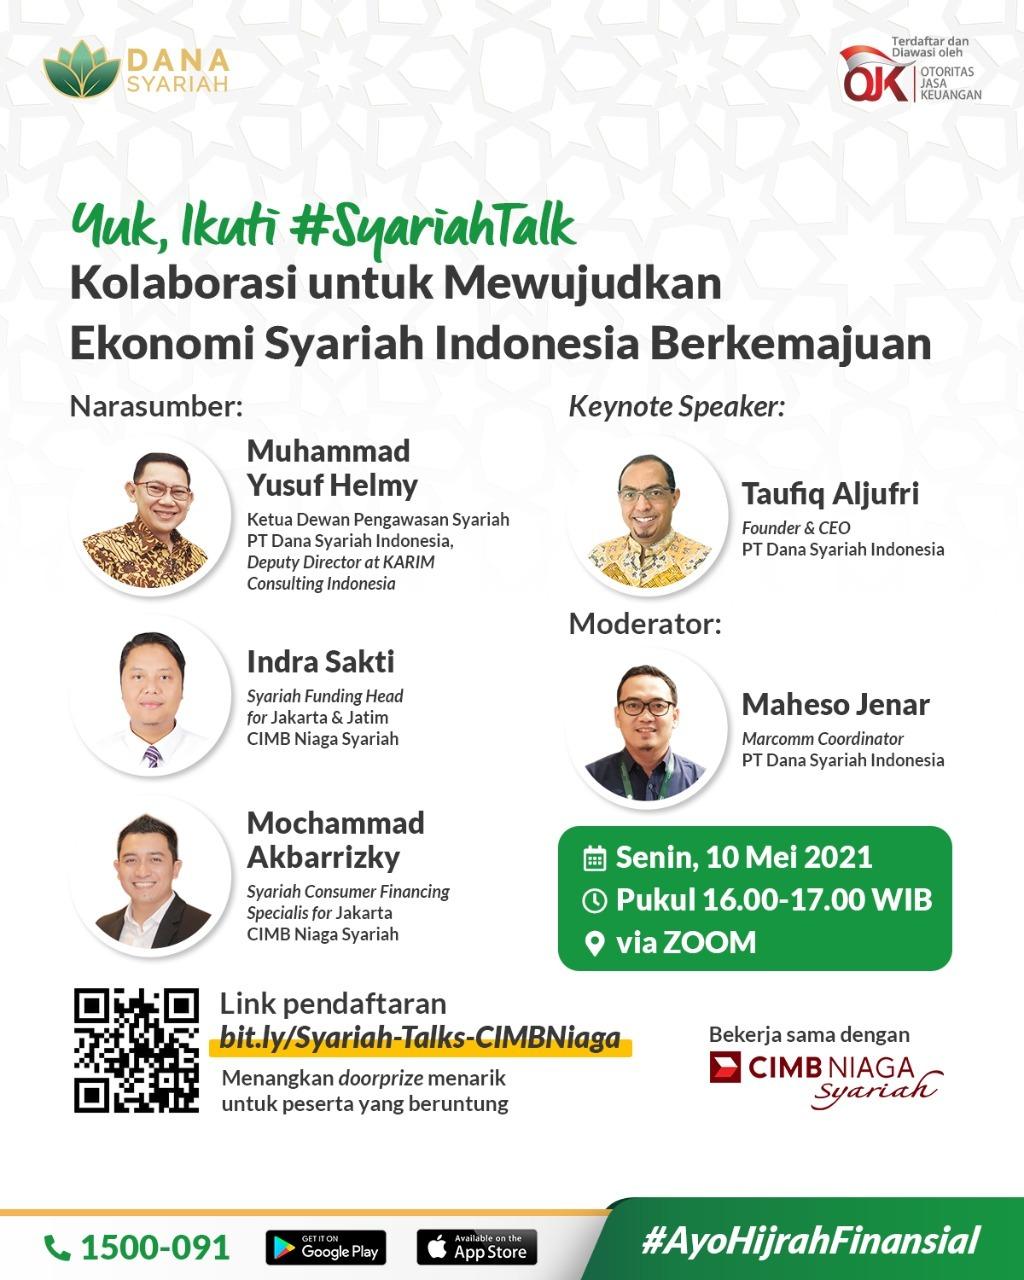 Dana Syariah #SyariahTalk Kolaborasi untuk Mewujudkan Ekonomi Syariah Indonesia Berkemajuan